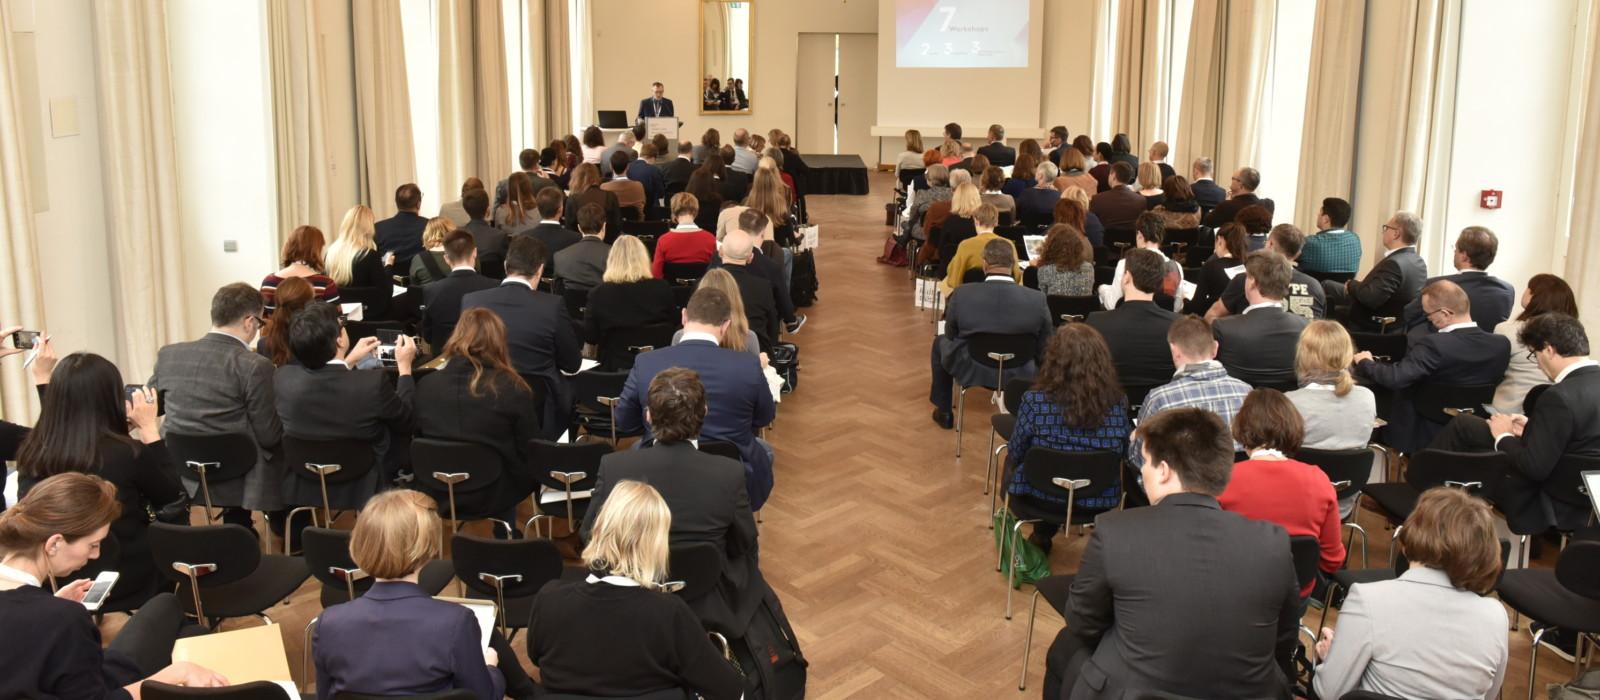 Tagung des Netzwerks Europäischer Museumsorganisationen 2017 in Erfurt, hier Teilnehmer bei einem Vortrag